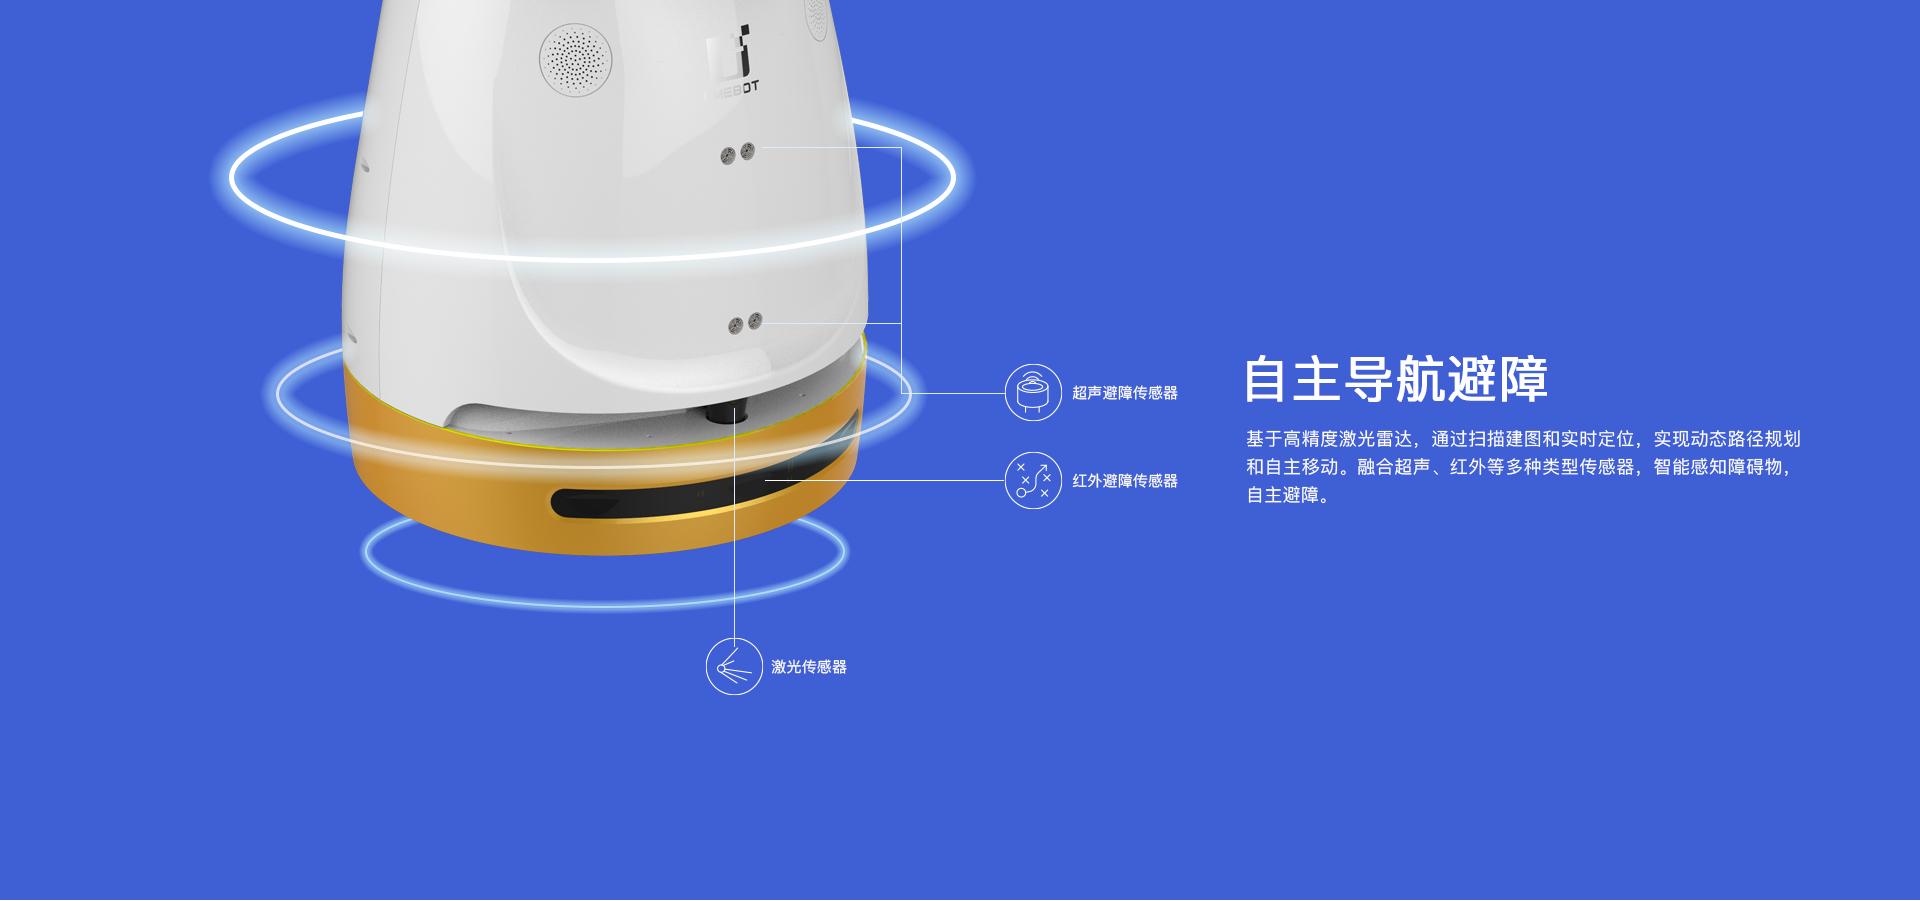 安优米商用服务机器人 II